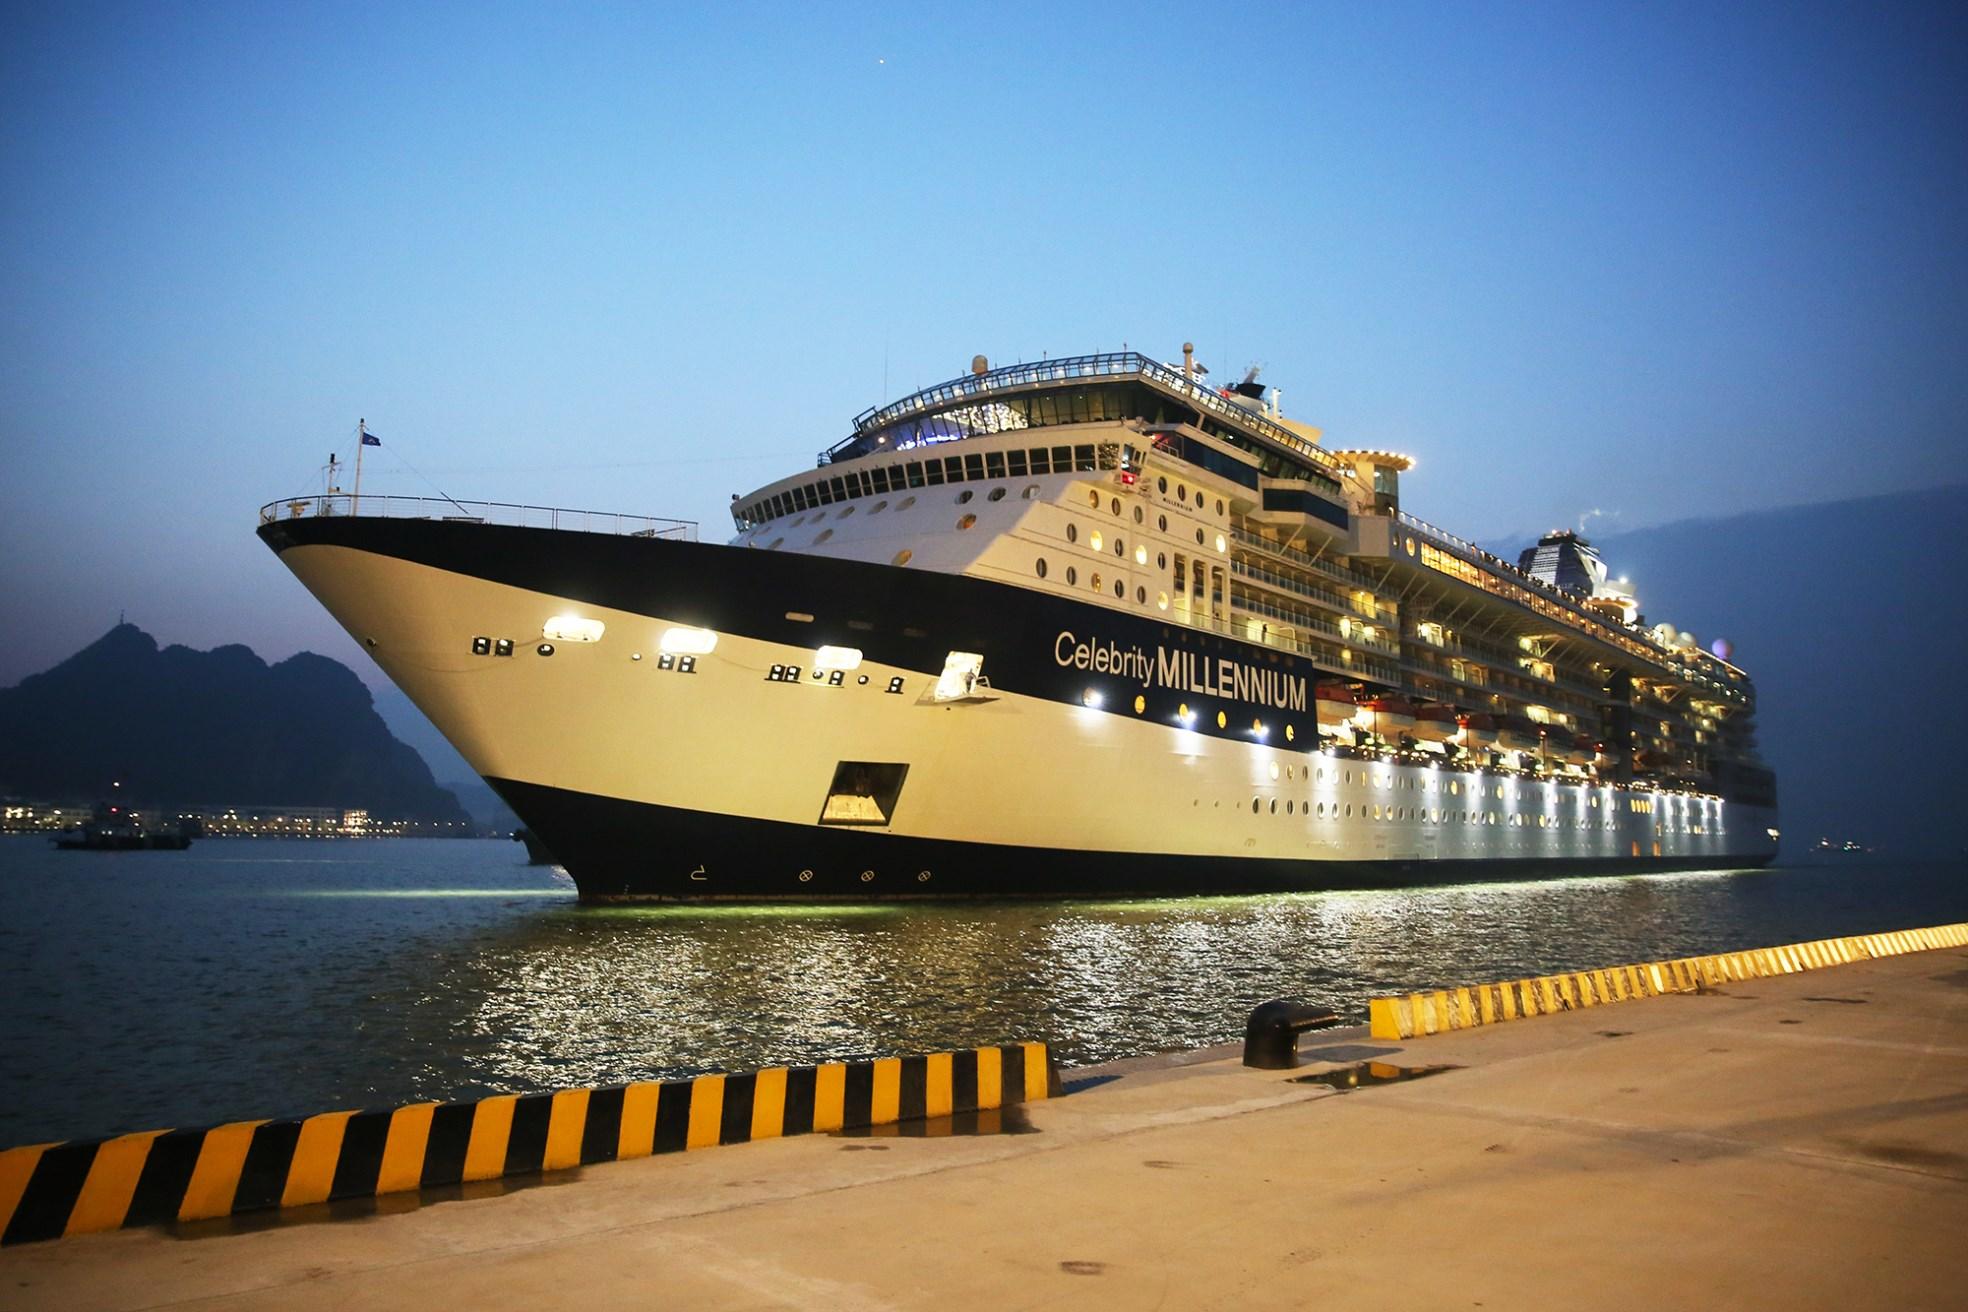 Cảng tàu khách du lịch quốc tế đầu tiên của Việt Nam do tư nhân xây có gì đặc biệt? - Ảnh 1